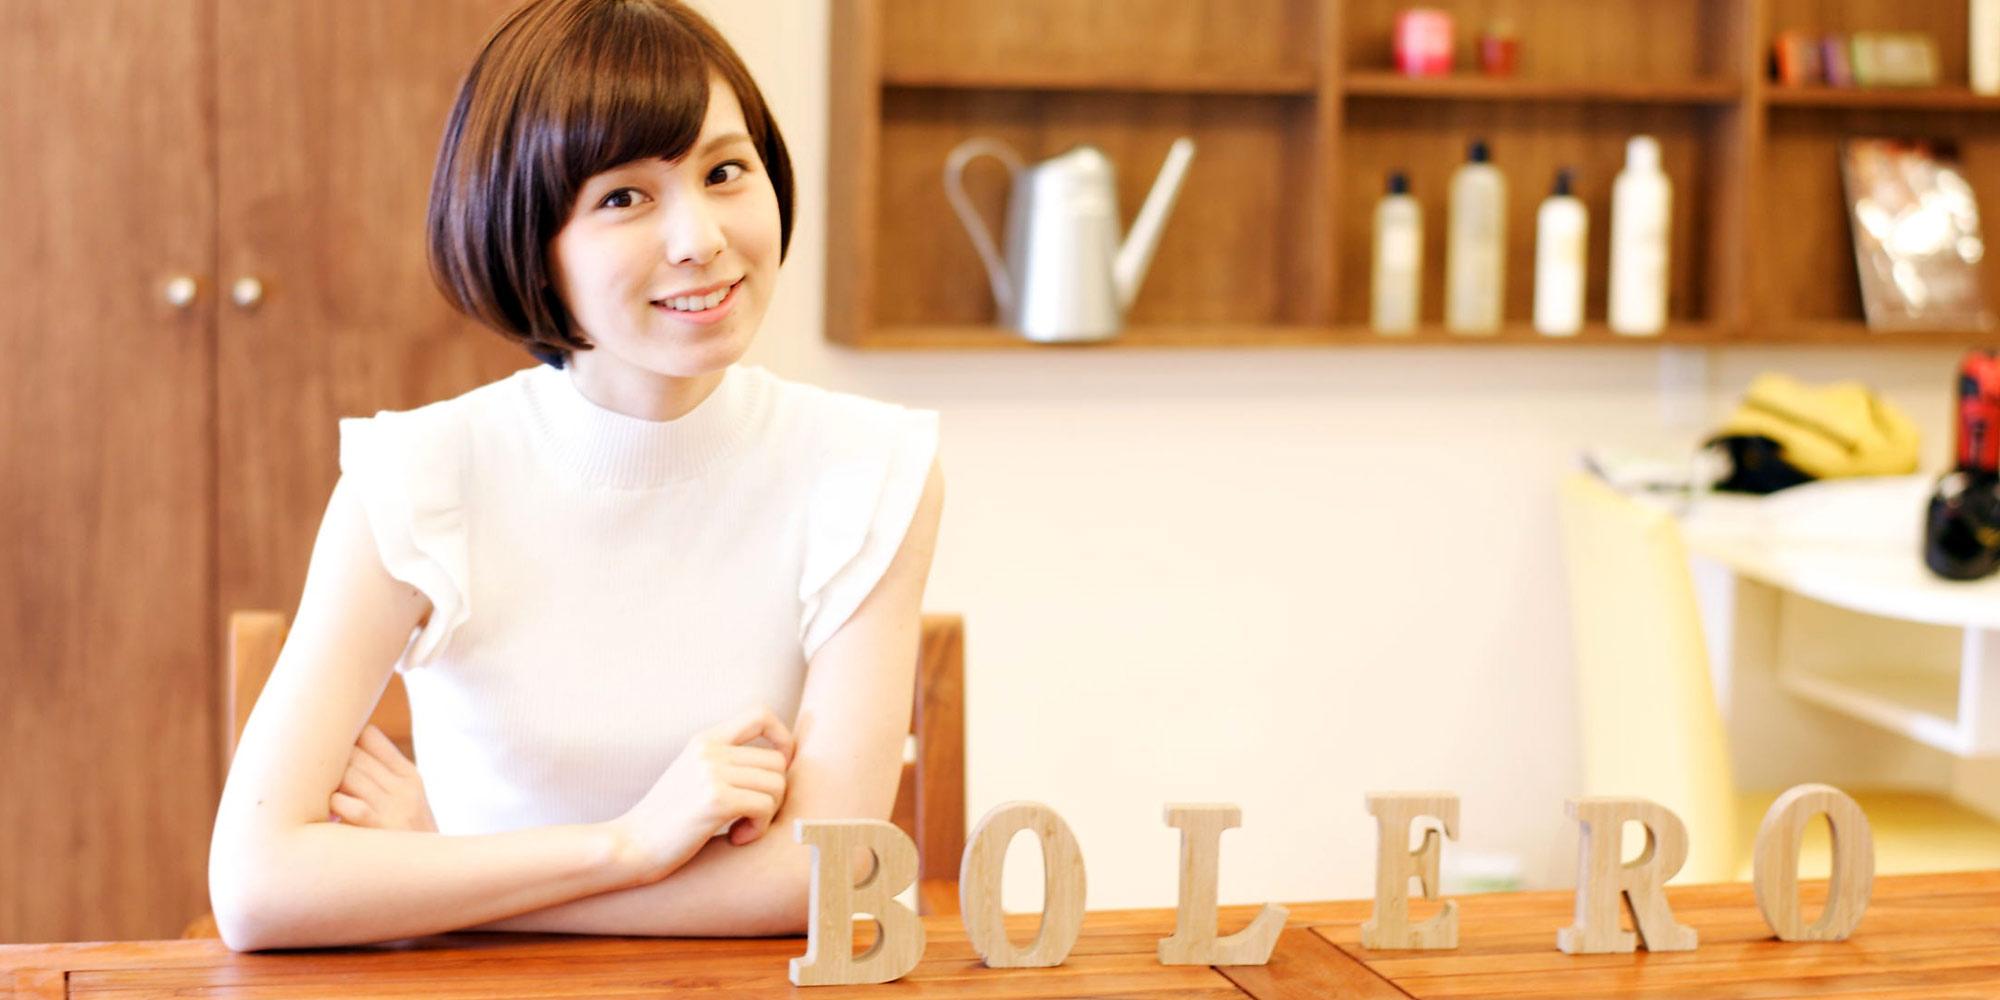 国立の美容室ボレロビオ(Bolero bio)